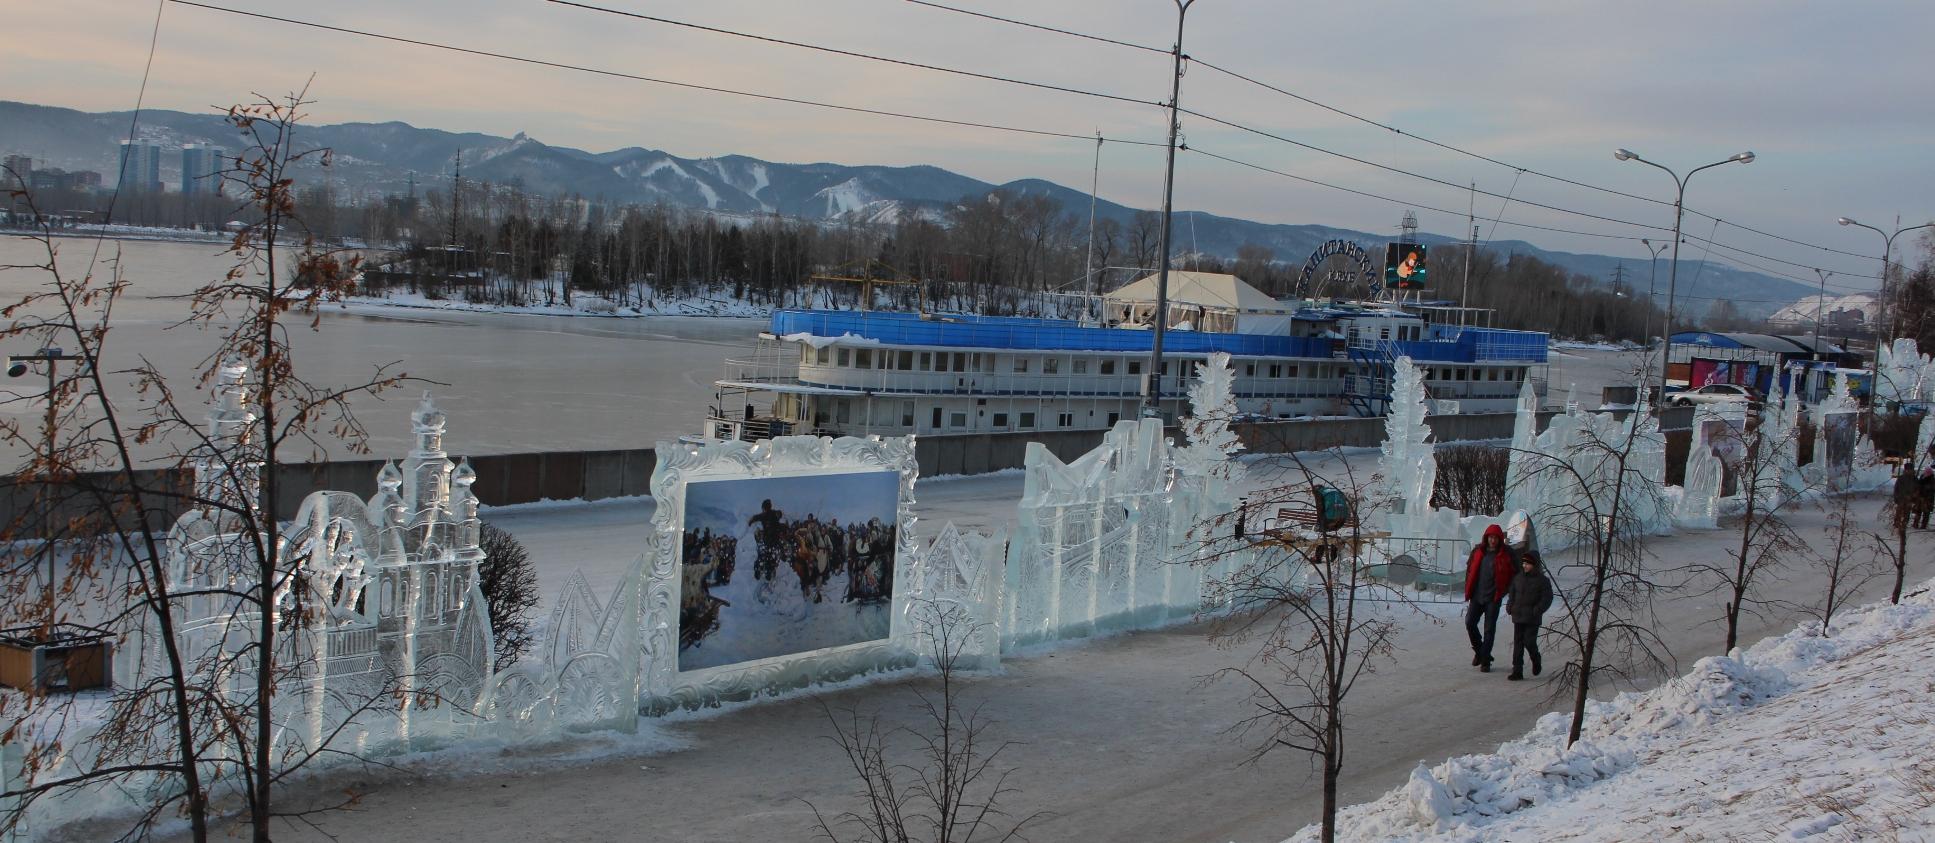 фестиваль, Волшебный лед Сибири, Красноярск, Коммунистический мост, в Красноярске, ледяные скульптуры, Марина Шамина